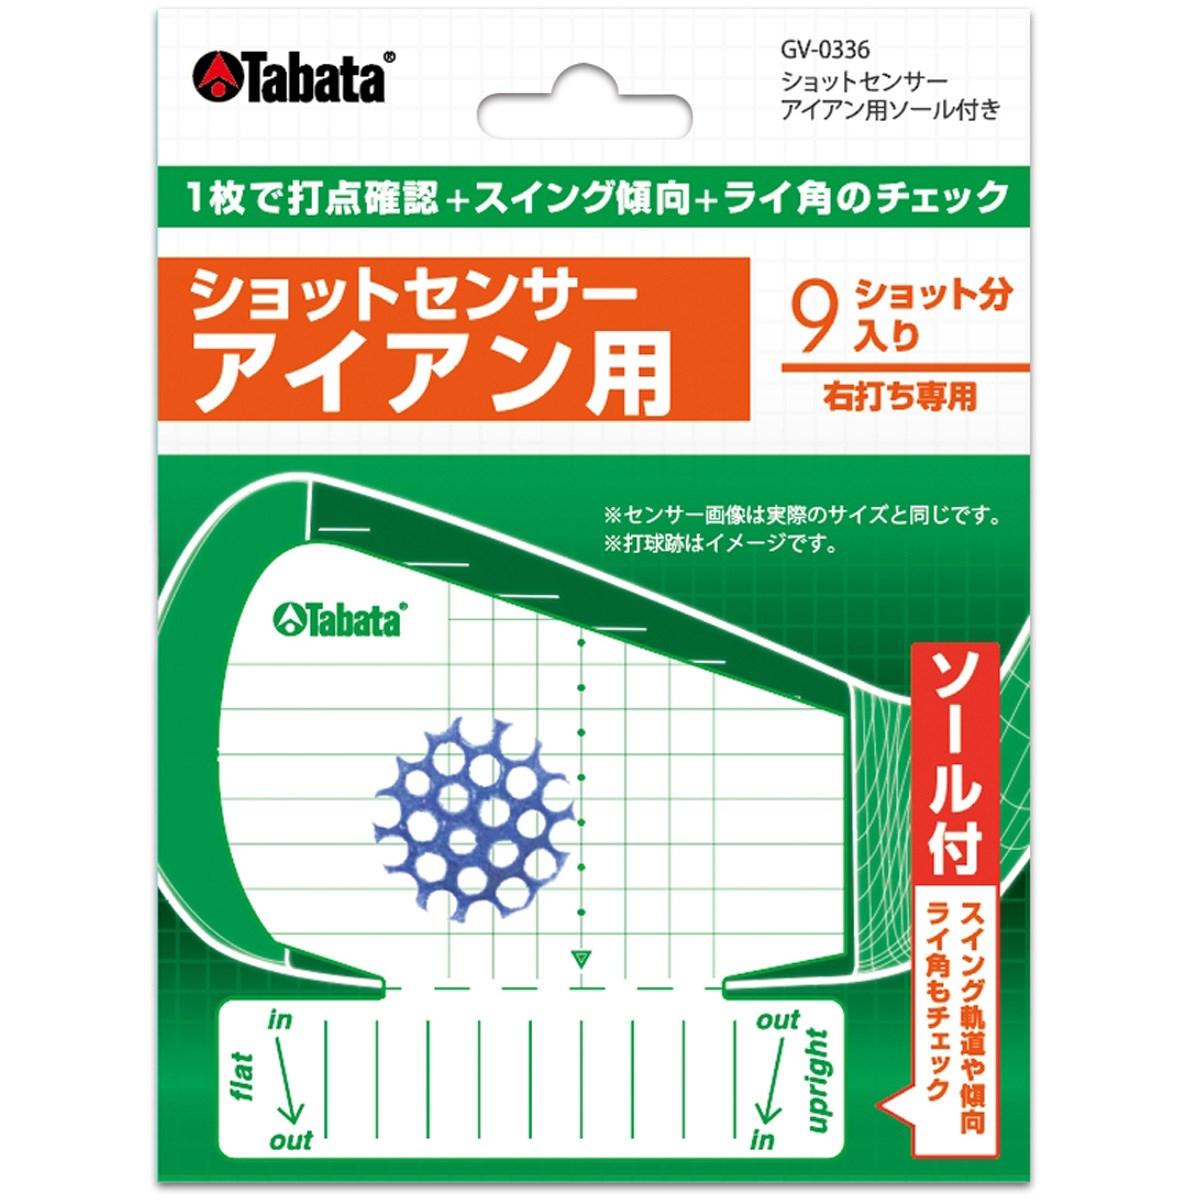 タバタ Tabata アイアン用フィッティングショットセンサー GV-0336 ホワイト